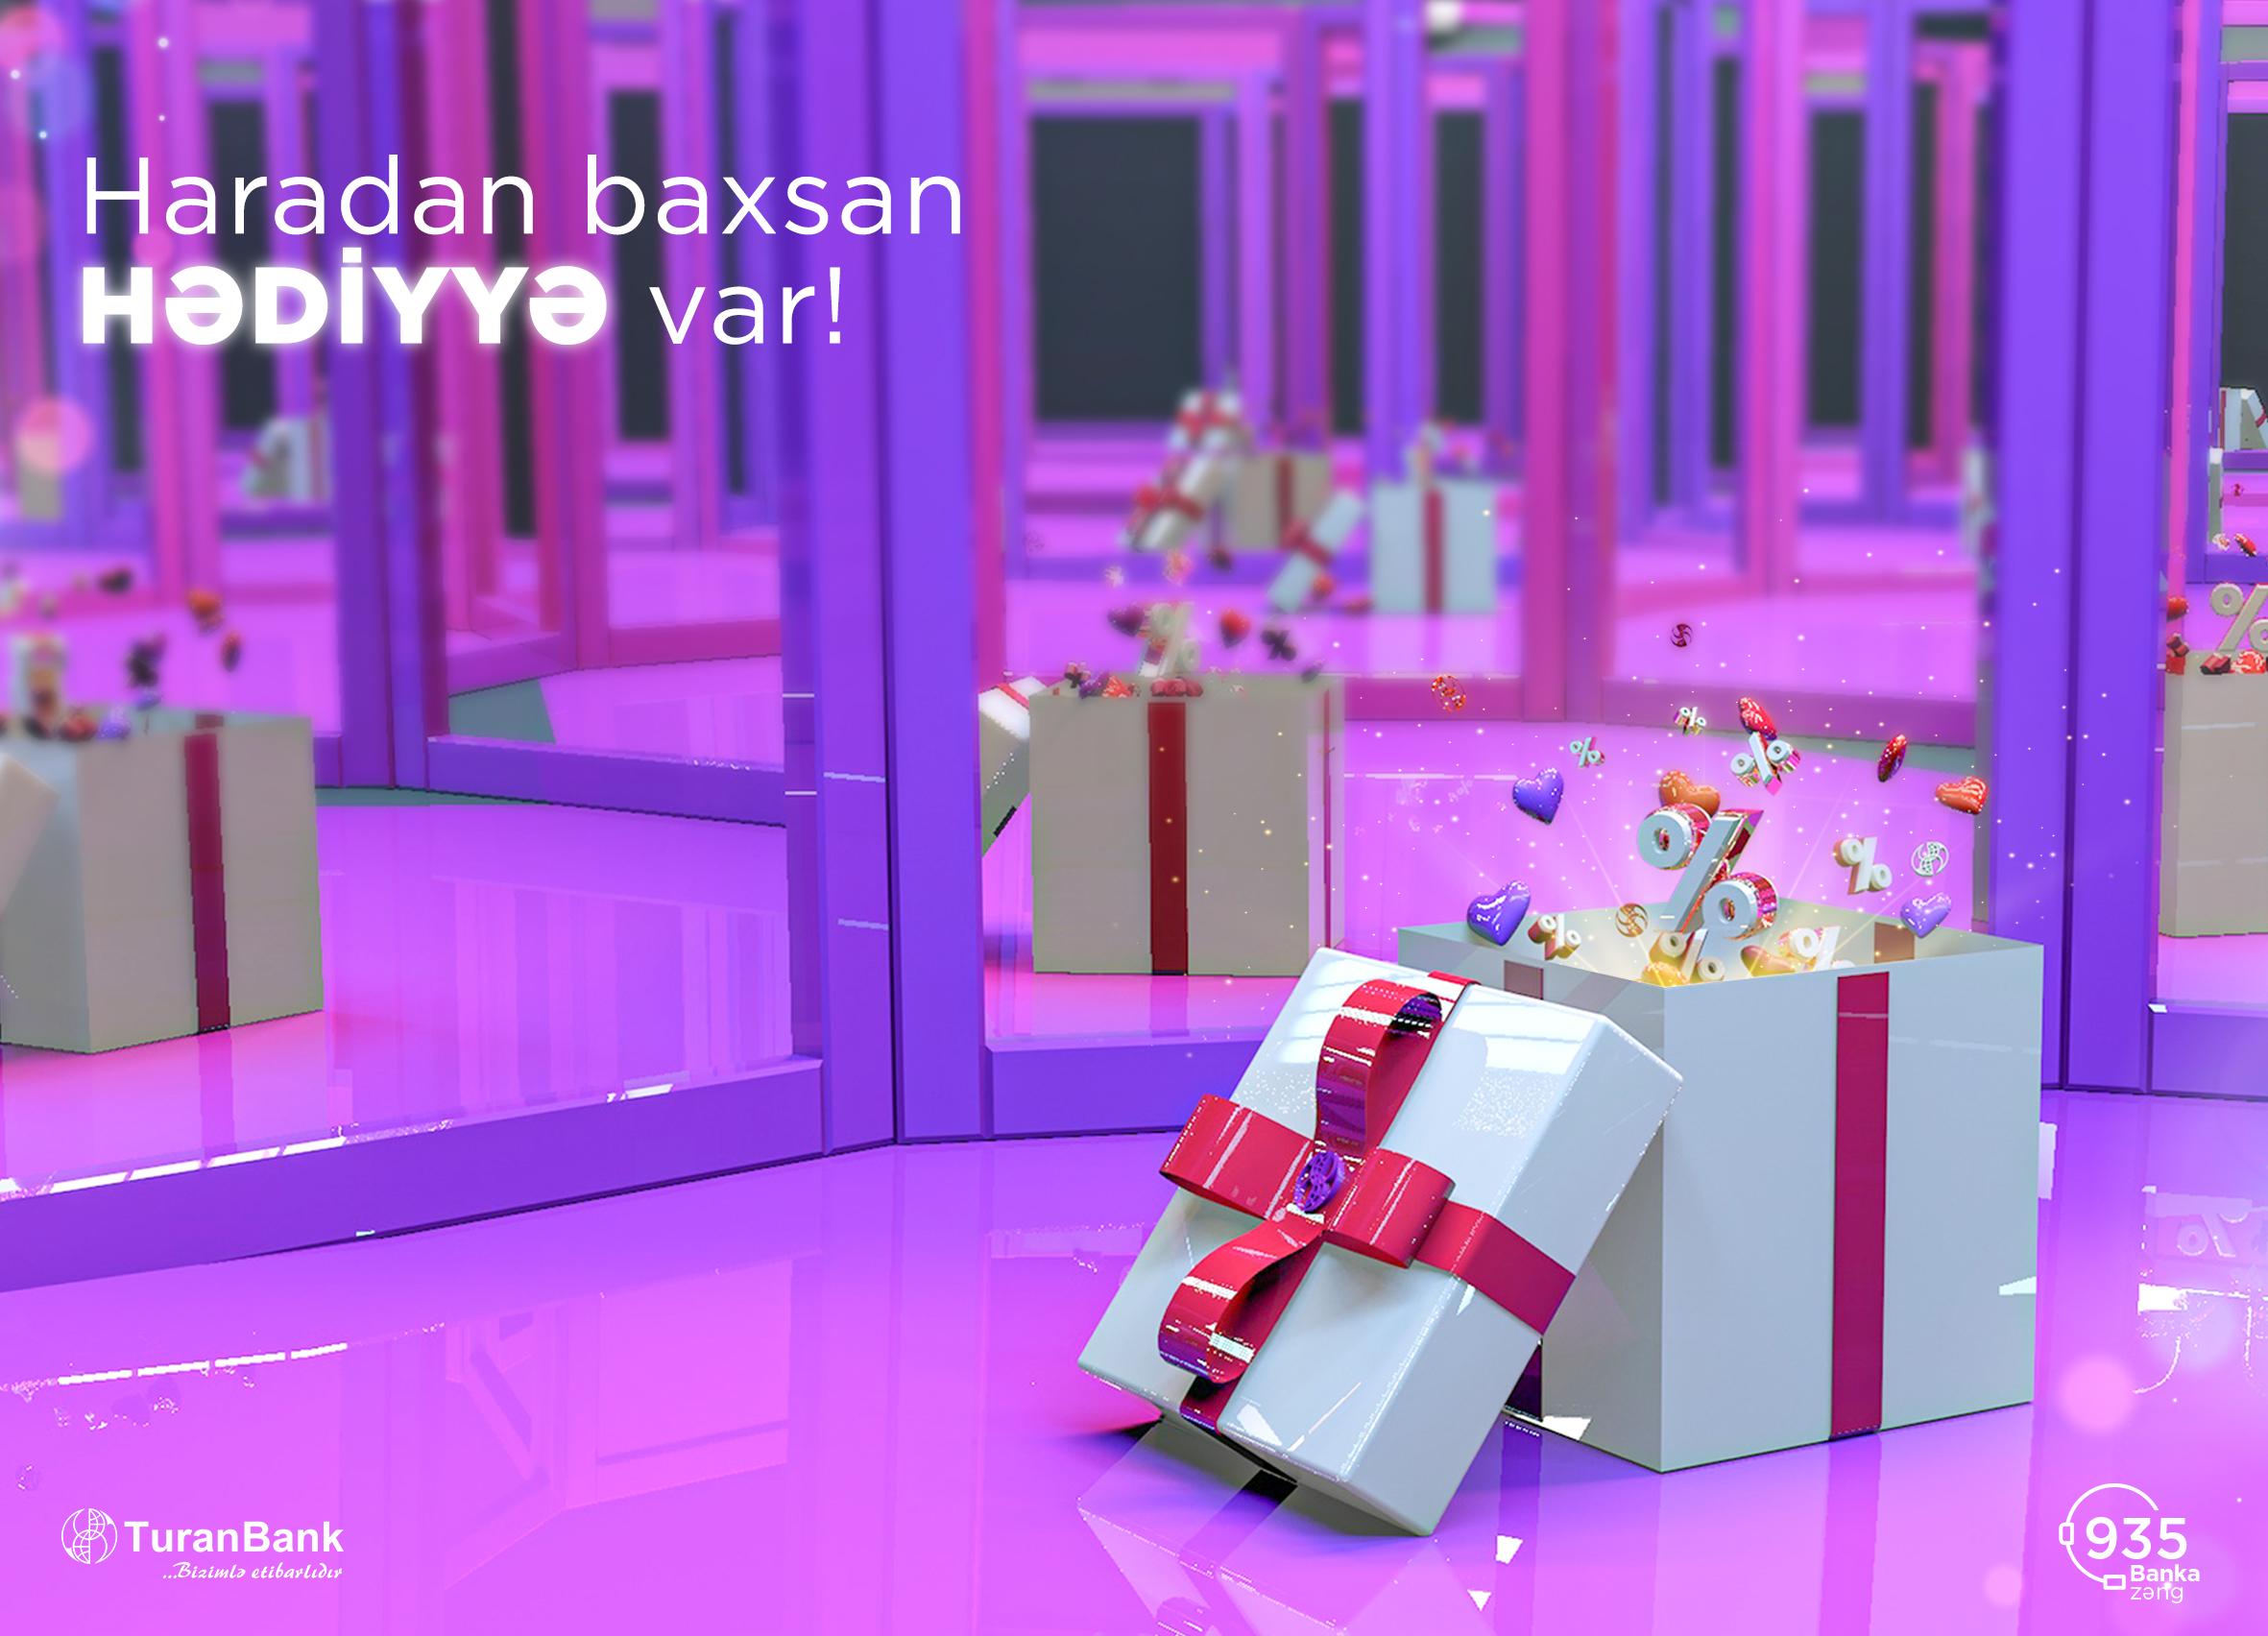 В честь праздника не один, а сразу 2 подарка от TuranBank